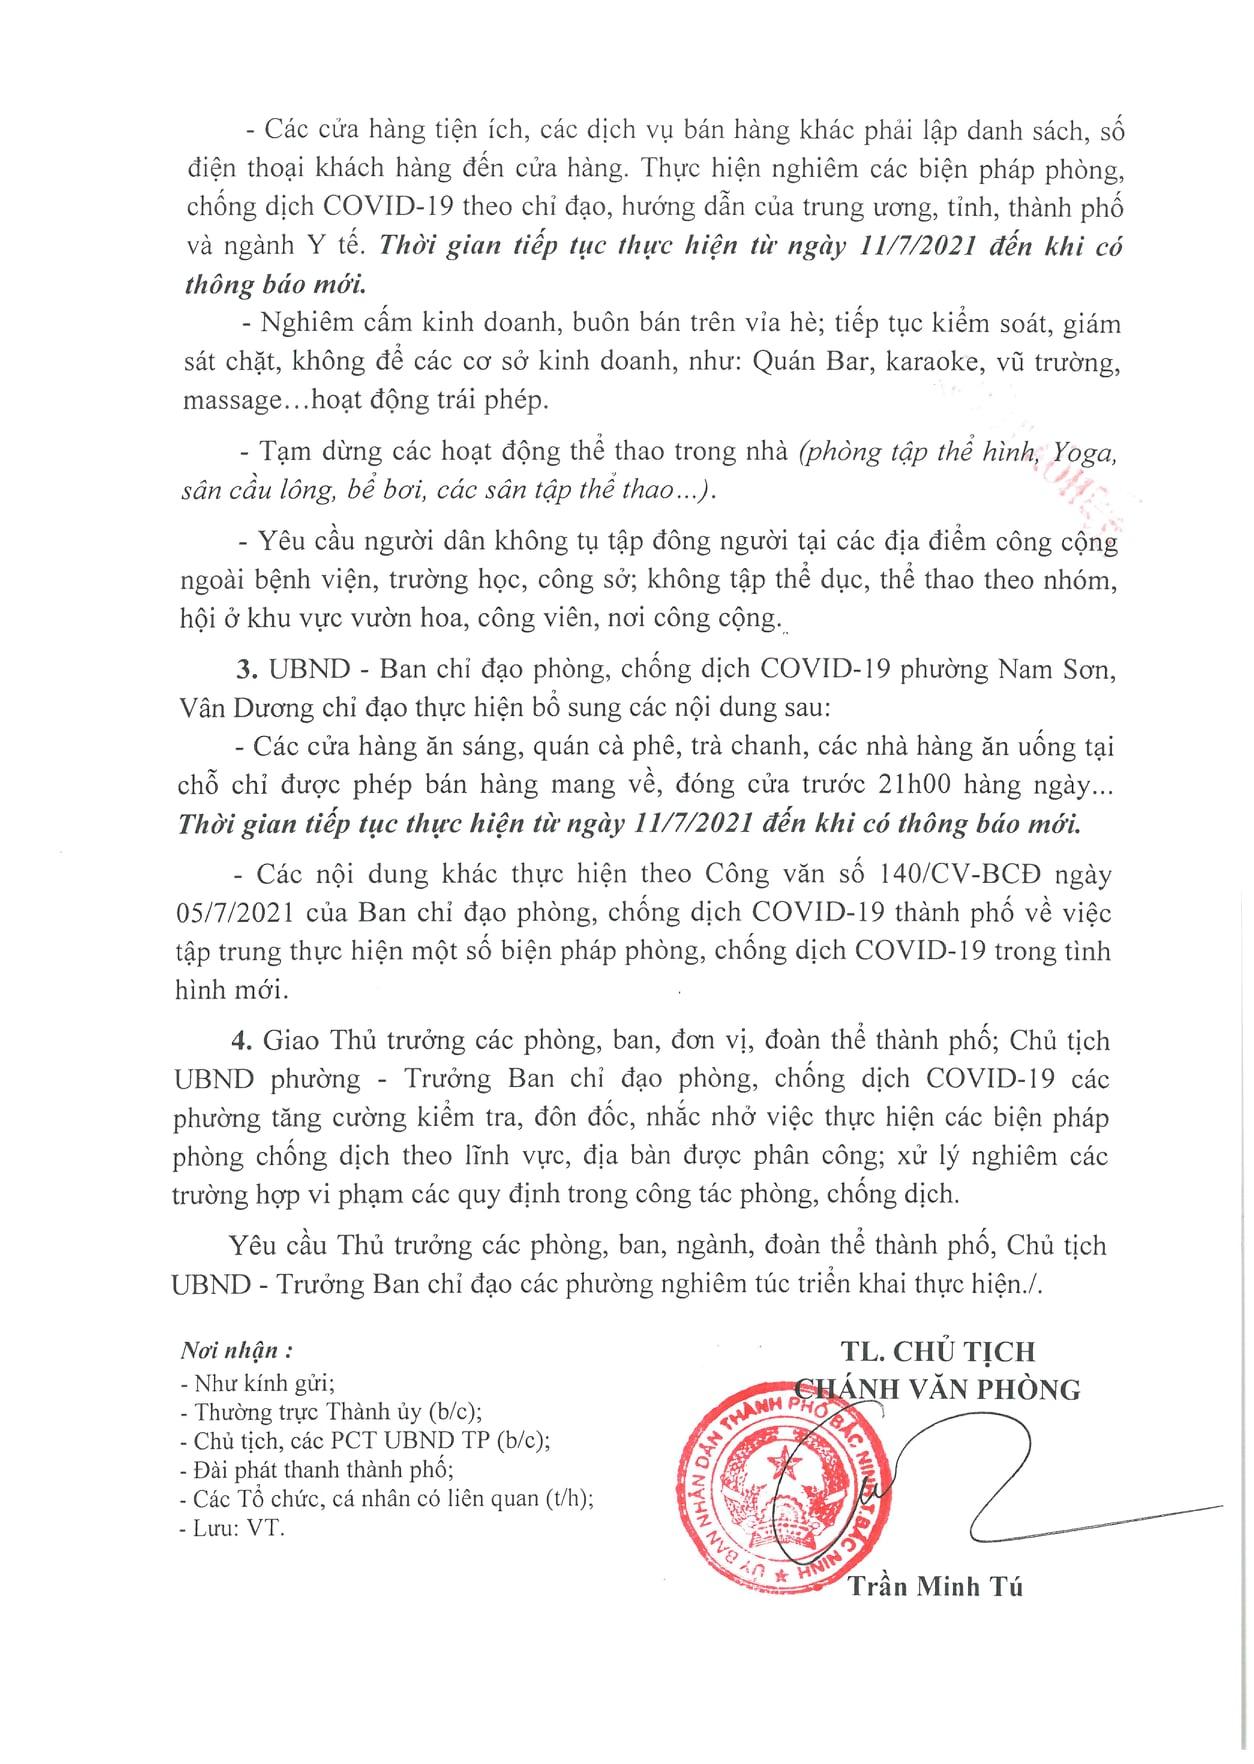 THÀNH PHỐ BẮC NINH THỰC HIỆN MỘT SỐ BIỆN PHÁP PHÒNG, CHỐNG DỊCH COVID-19 TRONG TÌNH HÌNH MỚI